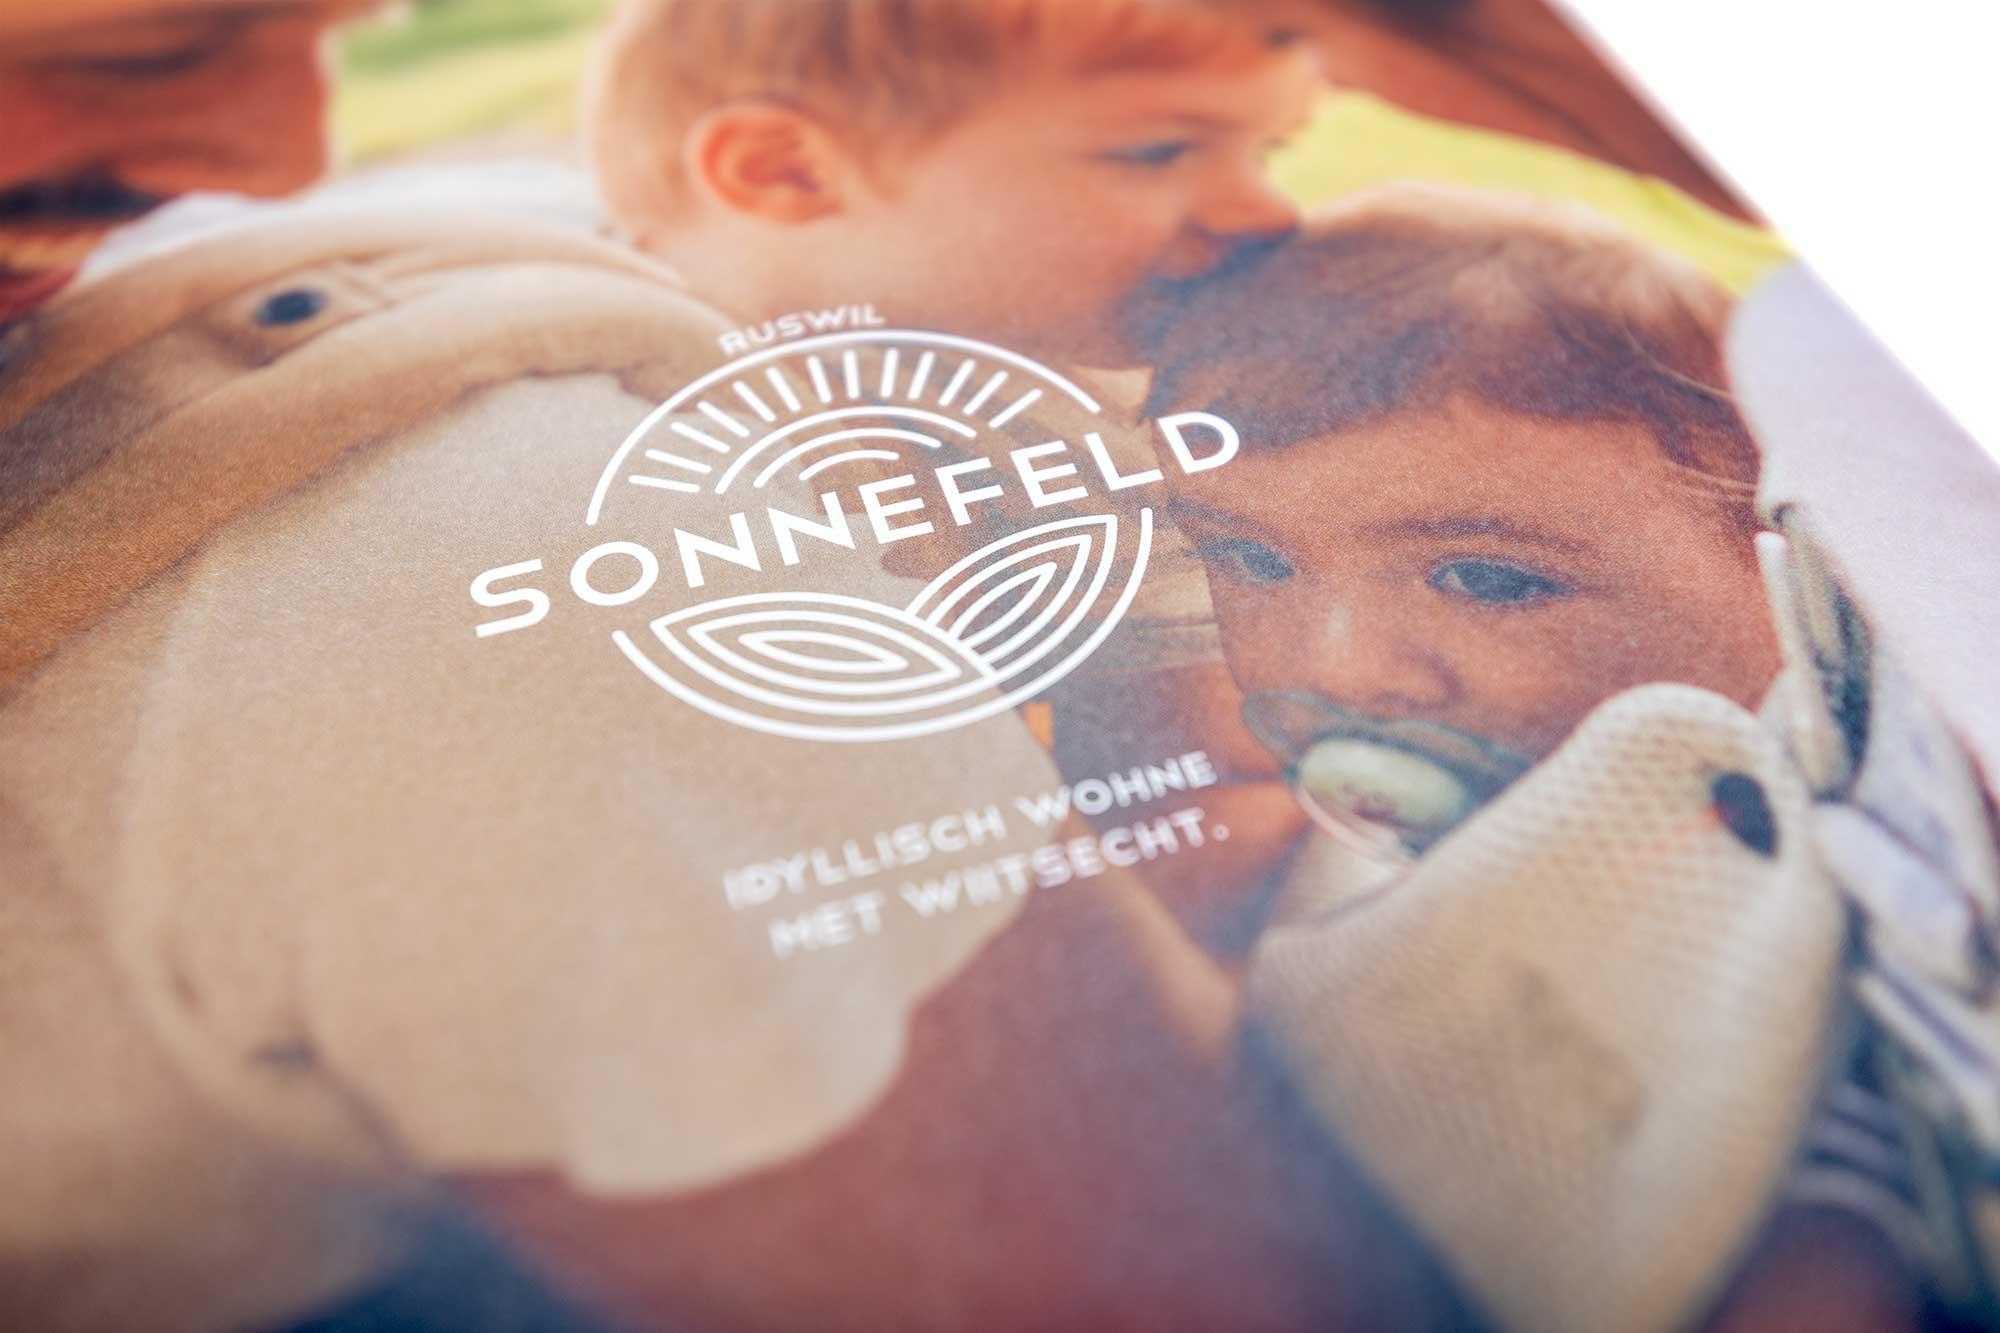 Sonnefeld-6